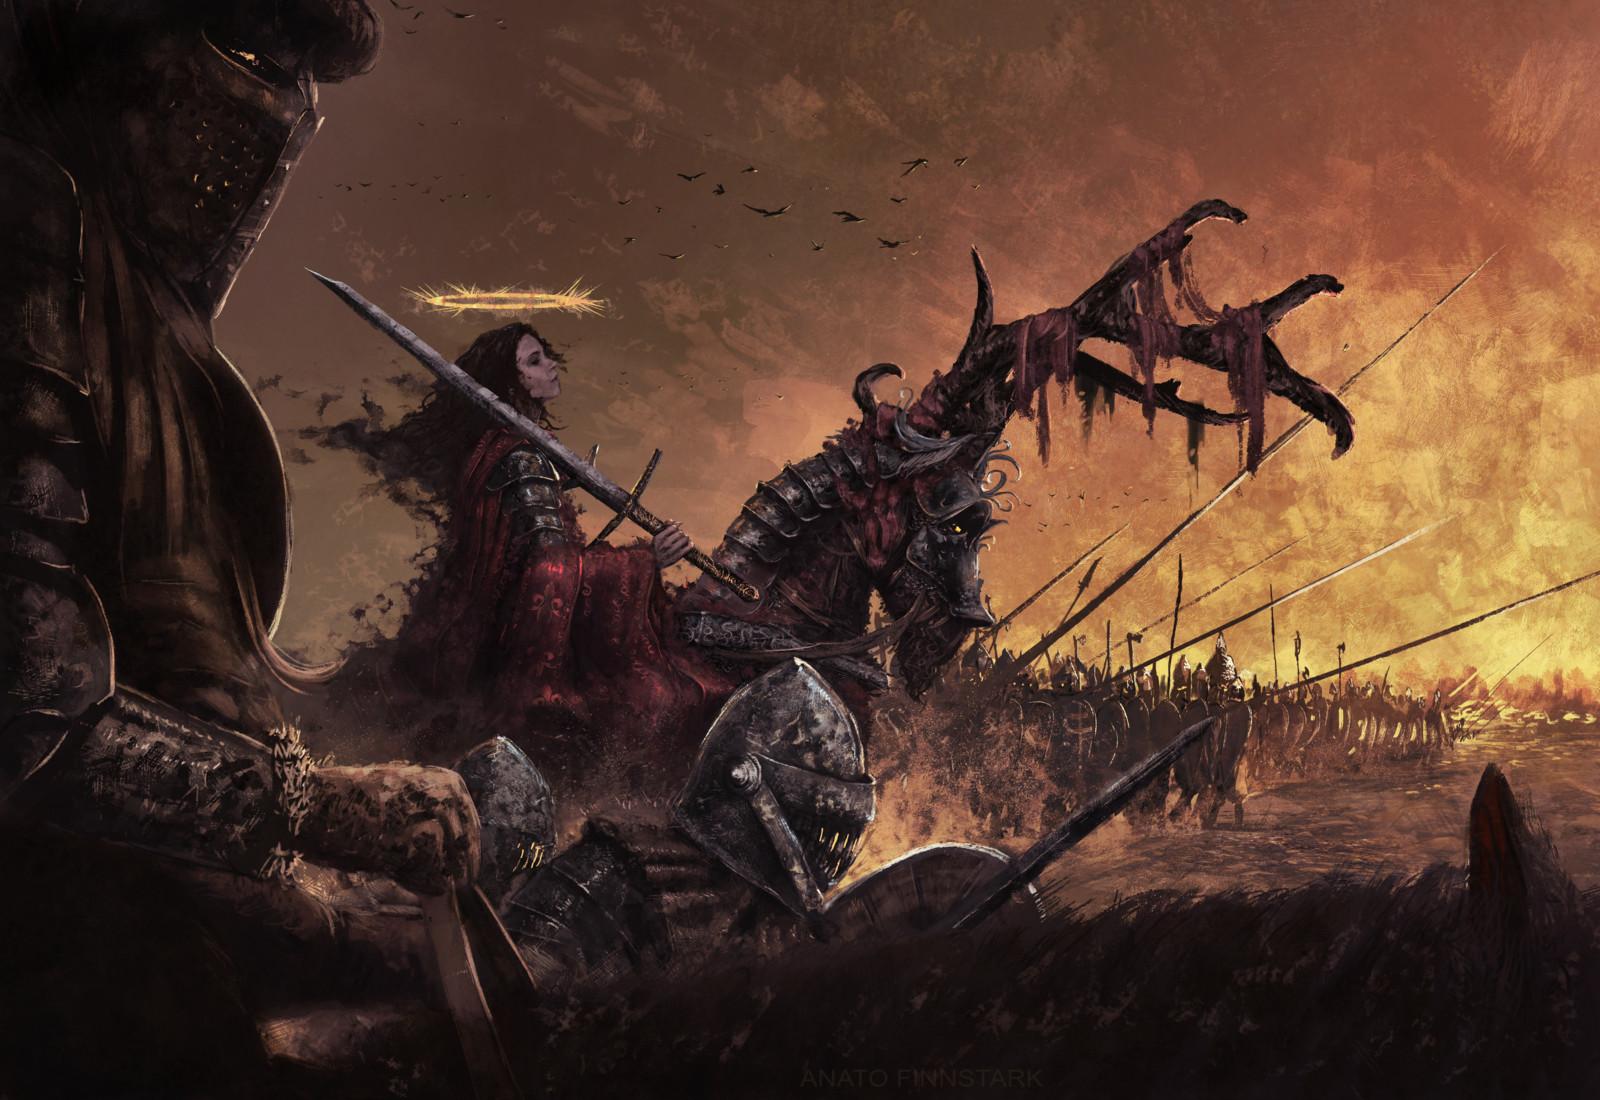 Anato finnstark jeanne d arc first horseman of the apocalypse by anatofinnstark dbzgezy